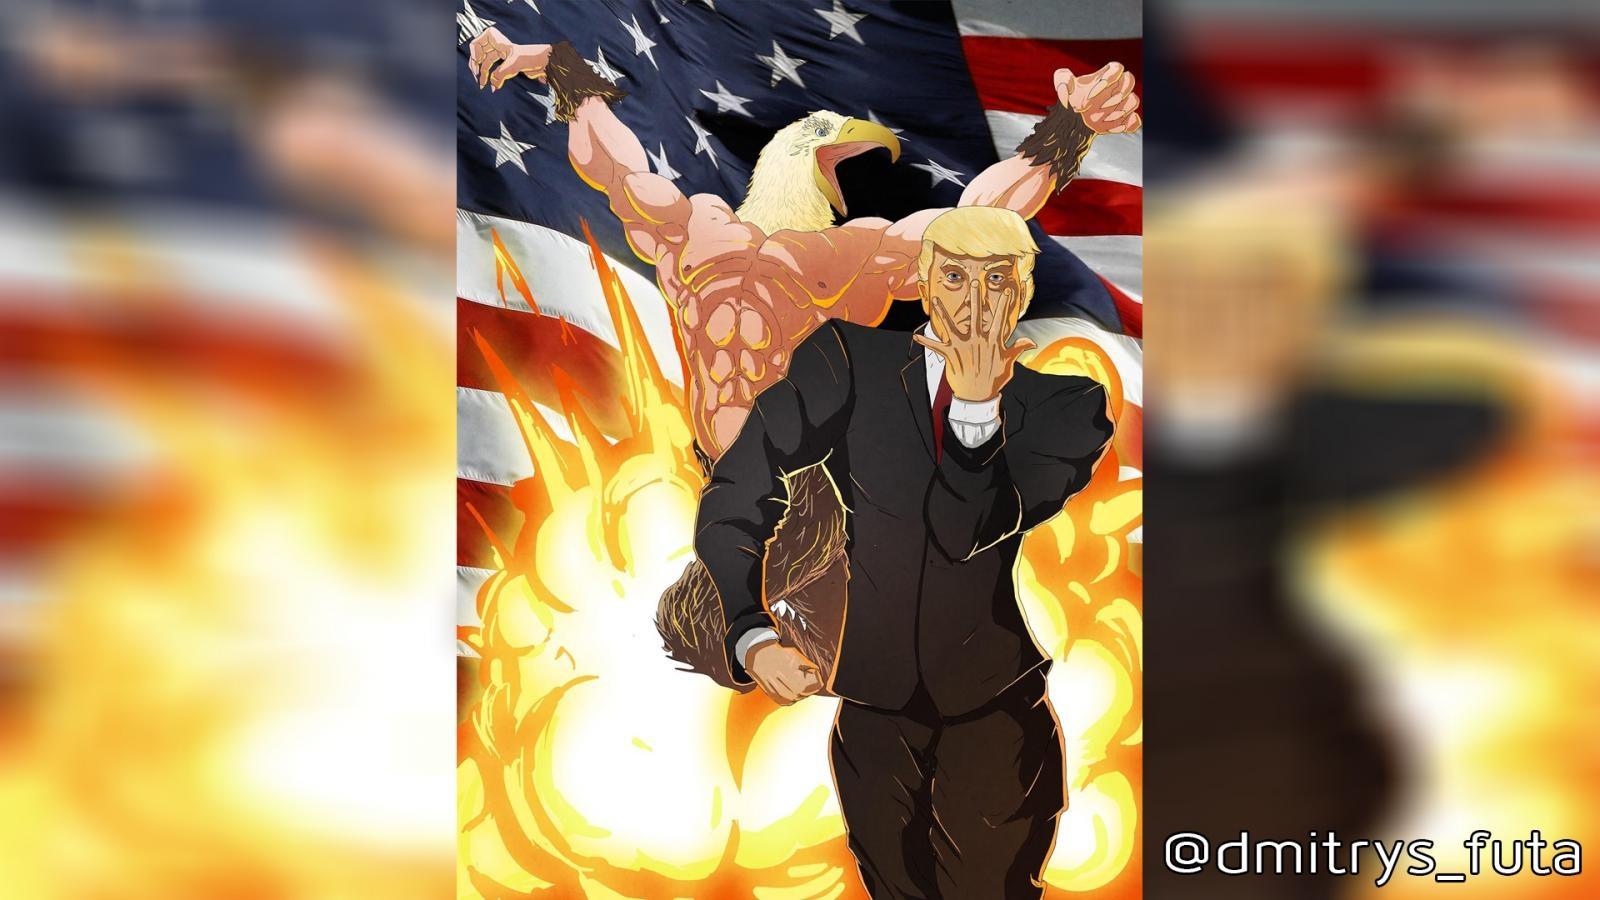 """กระแสตอบรับจากโลกออนไลน์หลัง """"ทรัมป์"""" ชนะเลือกตั้งปธน.สหรัฐฯ"""